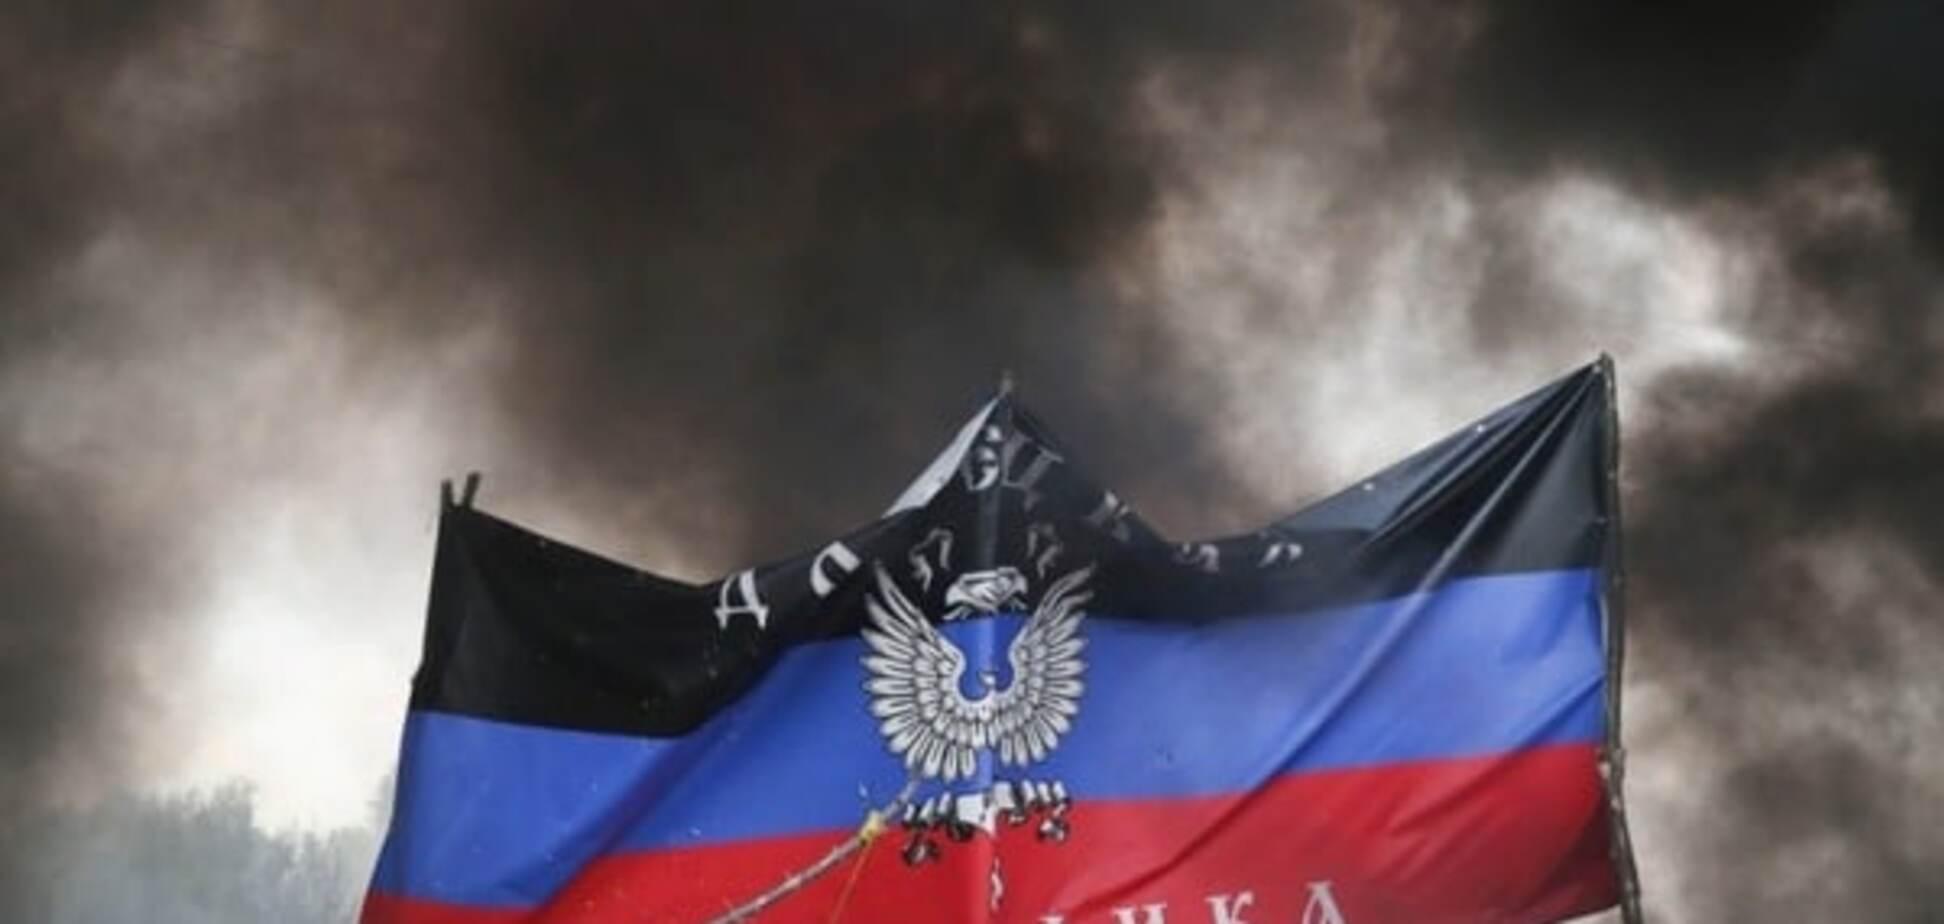 'Викуси, терпило': журналіст розповів, як донеччанина двічі 'кинули' в 'ДНР'